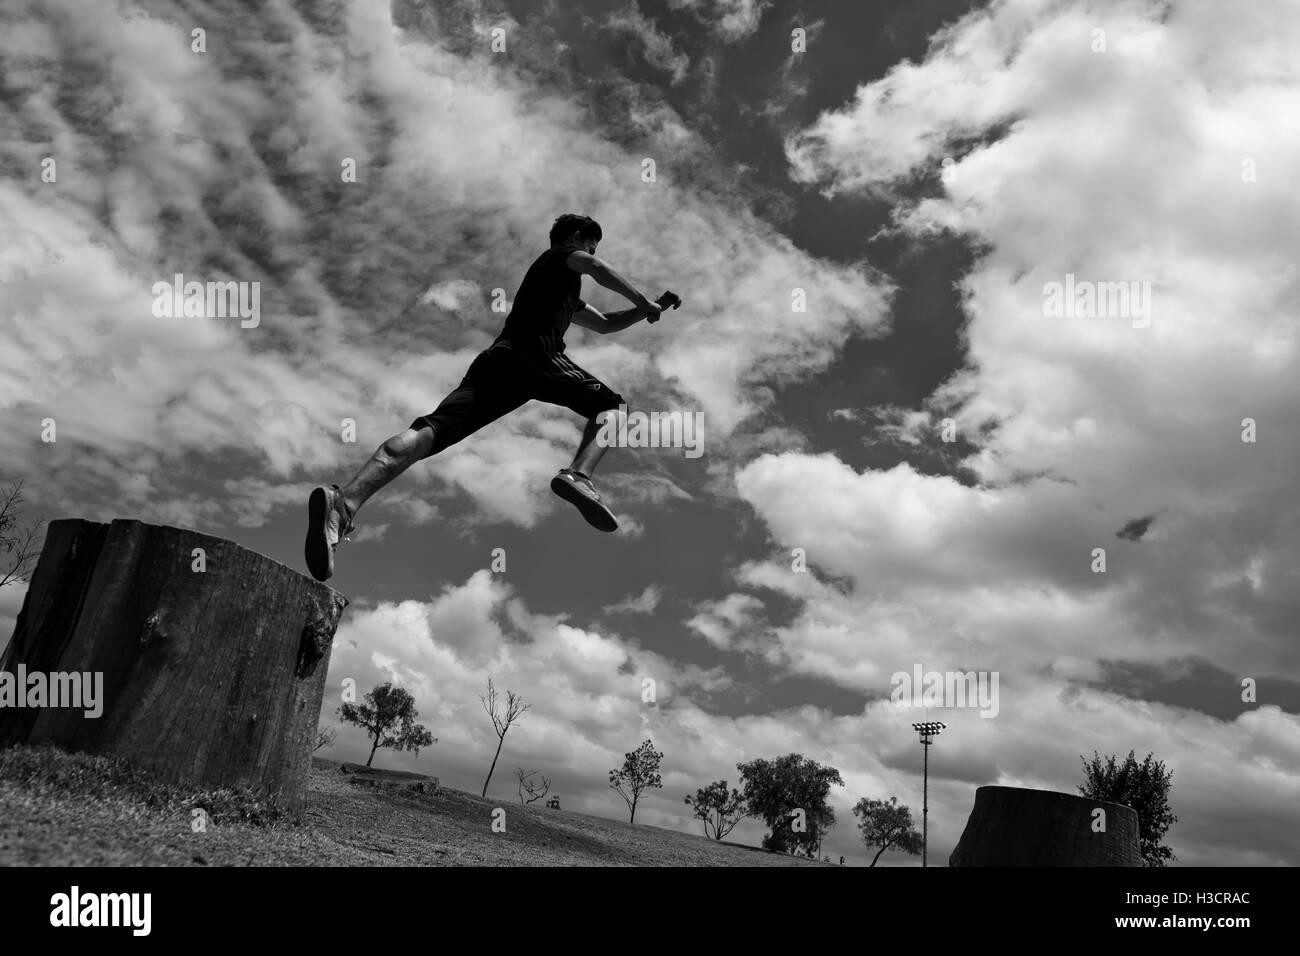 Un colombiano parkour atleta realiza un salto de altura durante una sesión de entrenamiento libre en un parque Imagen De Stock